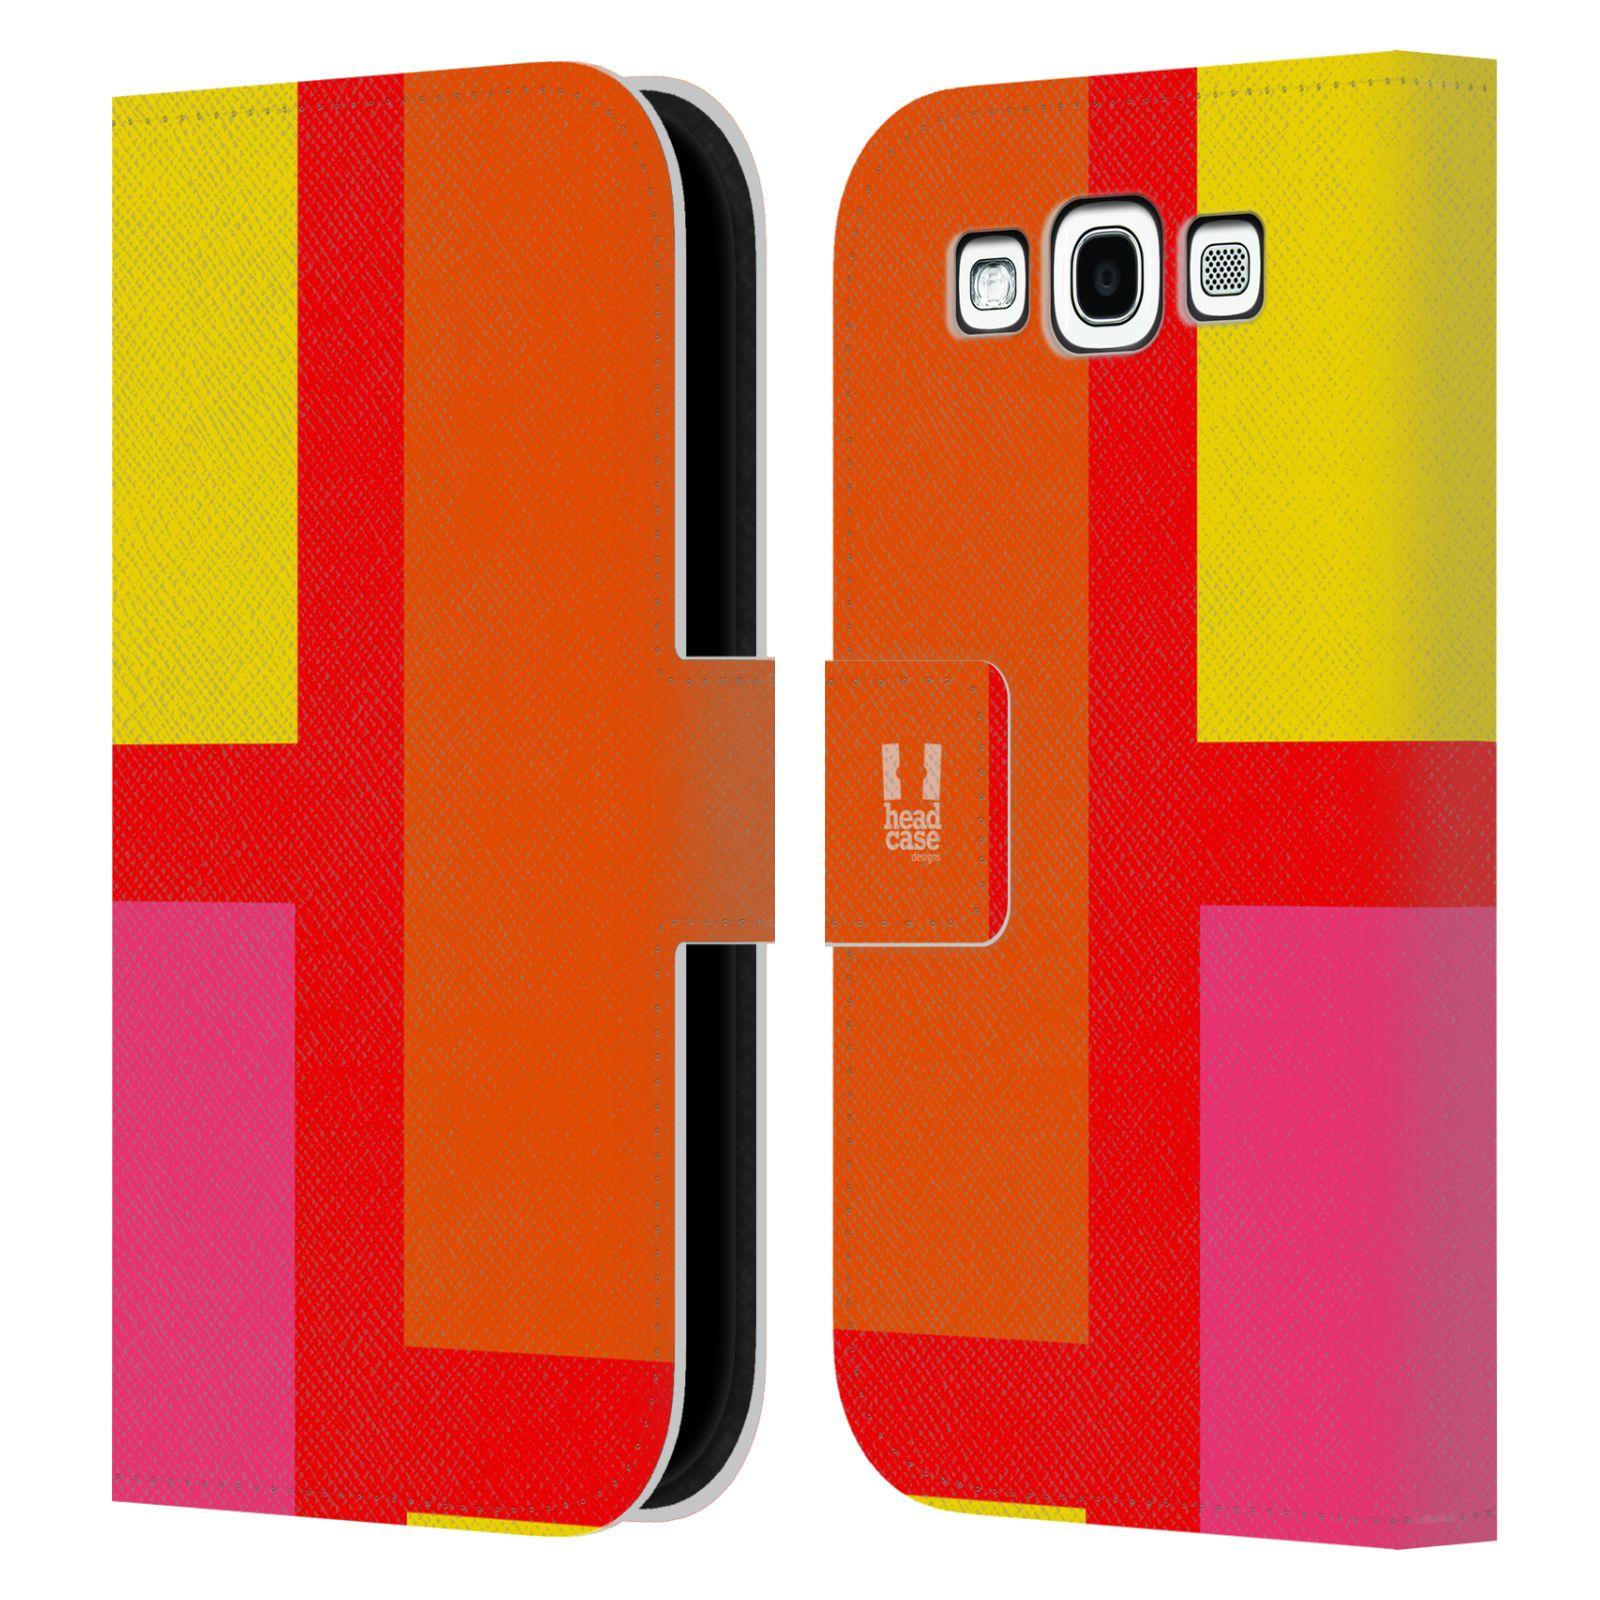 HEAD CASE Flipové pouzdro pro mobil Samsung Galaxy S3 I9300 barevné tvary oranžová ulice